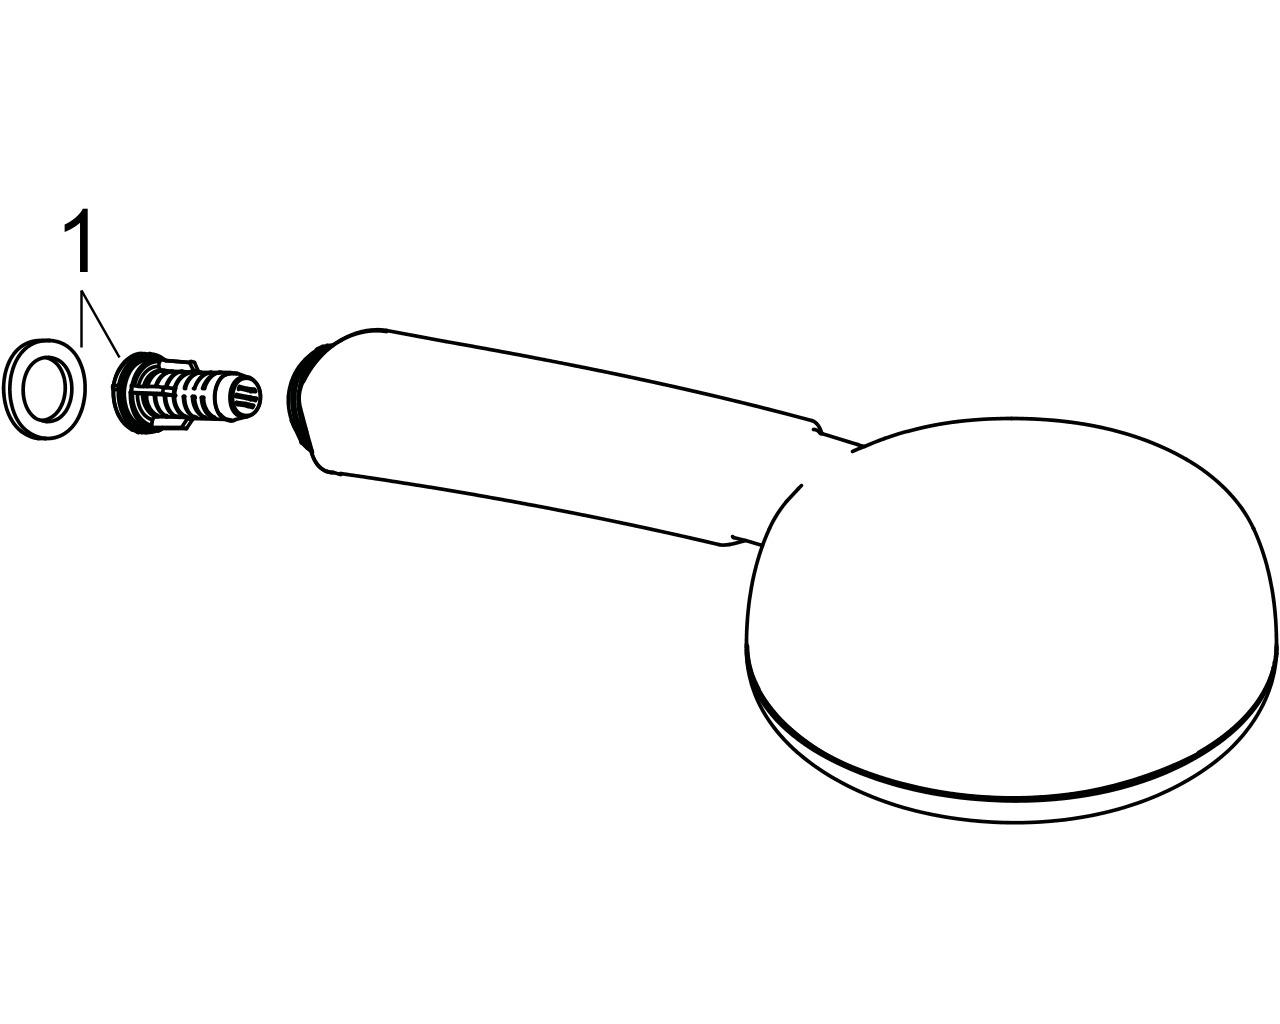 HG Handbrause Crometta 100 Vario